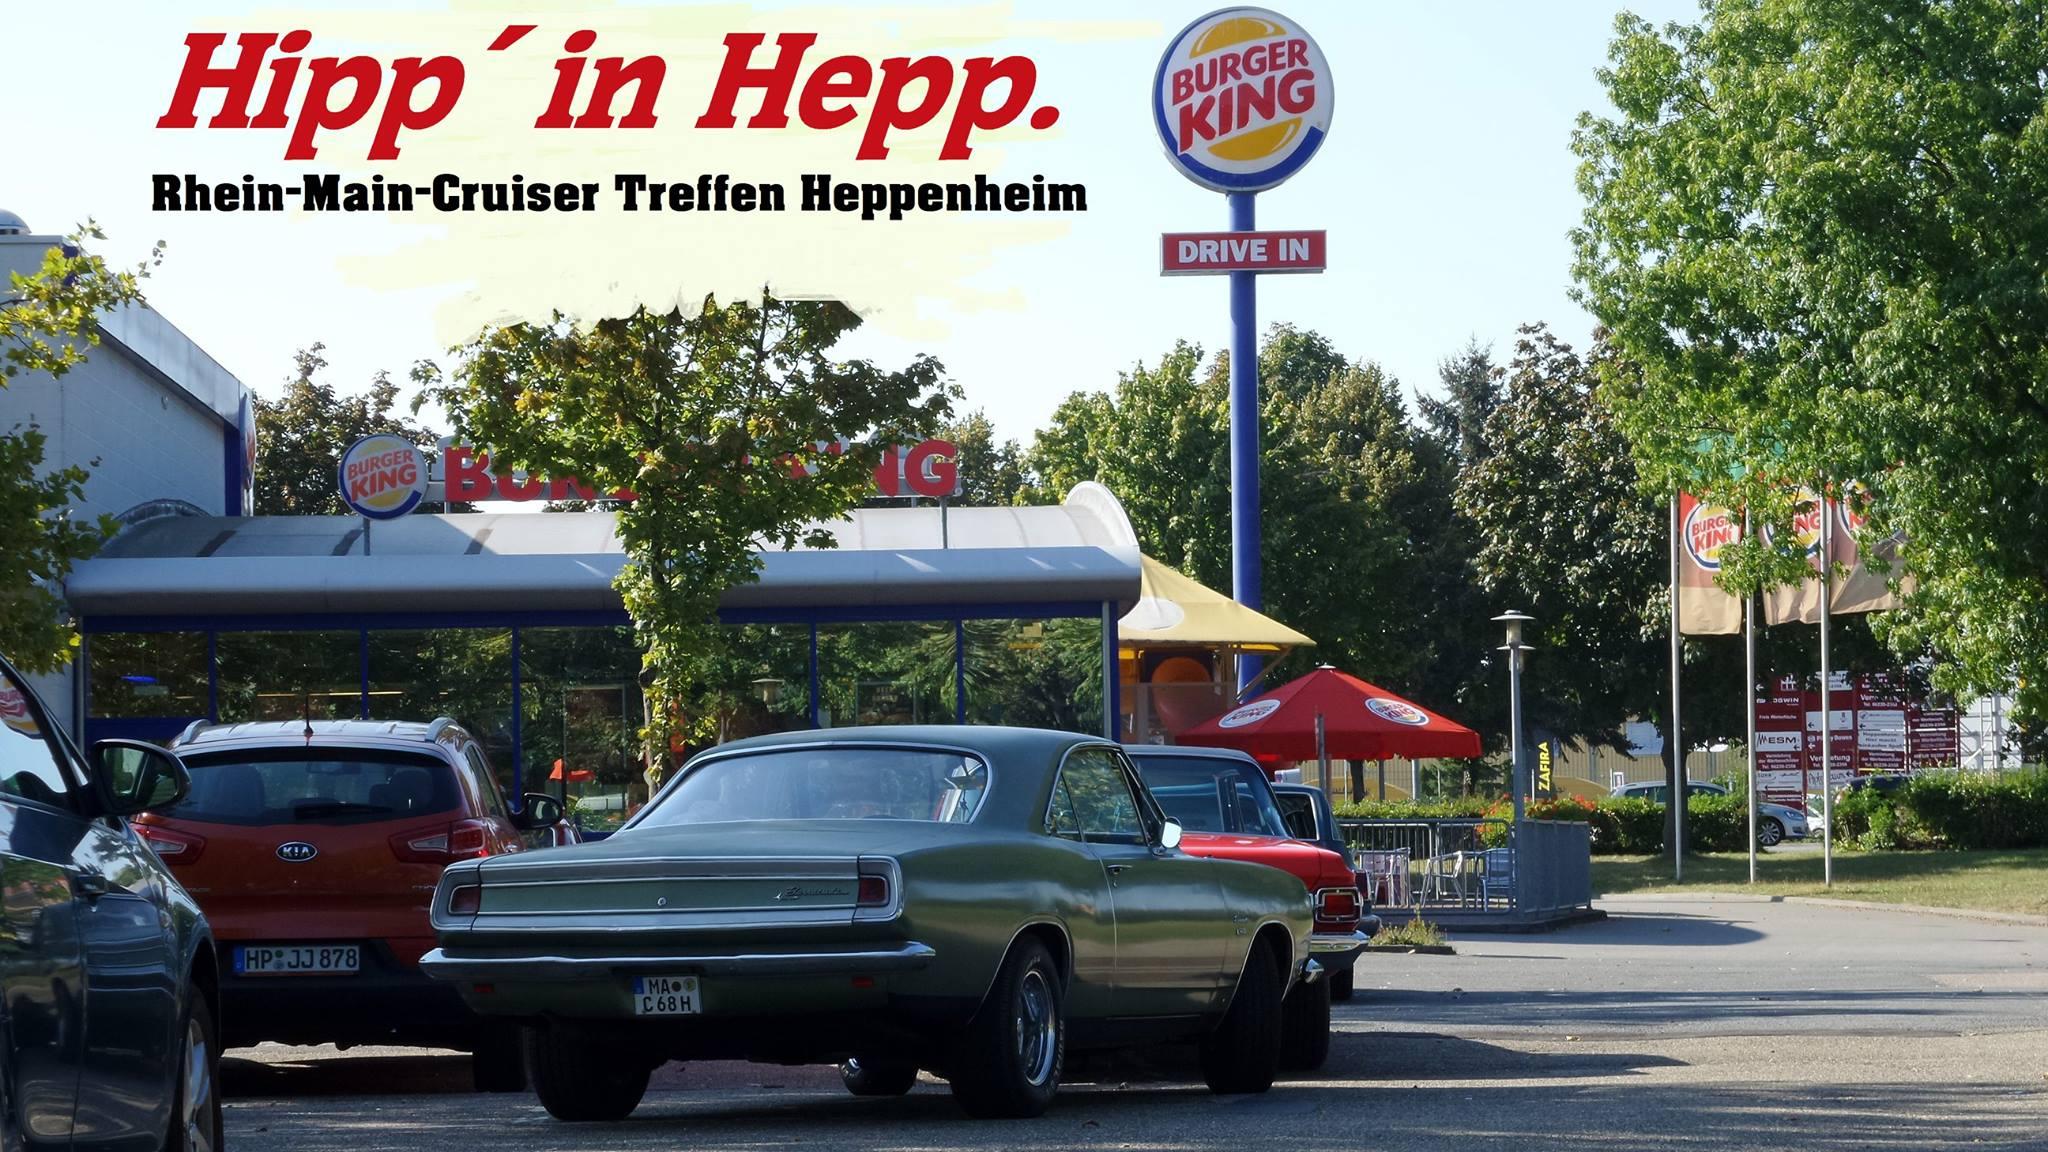 hipp-in-hepp